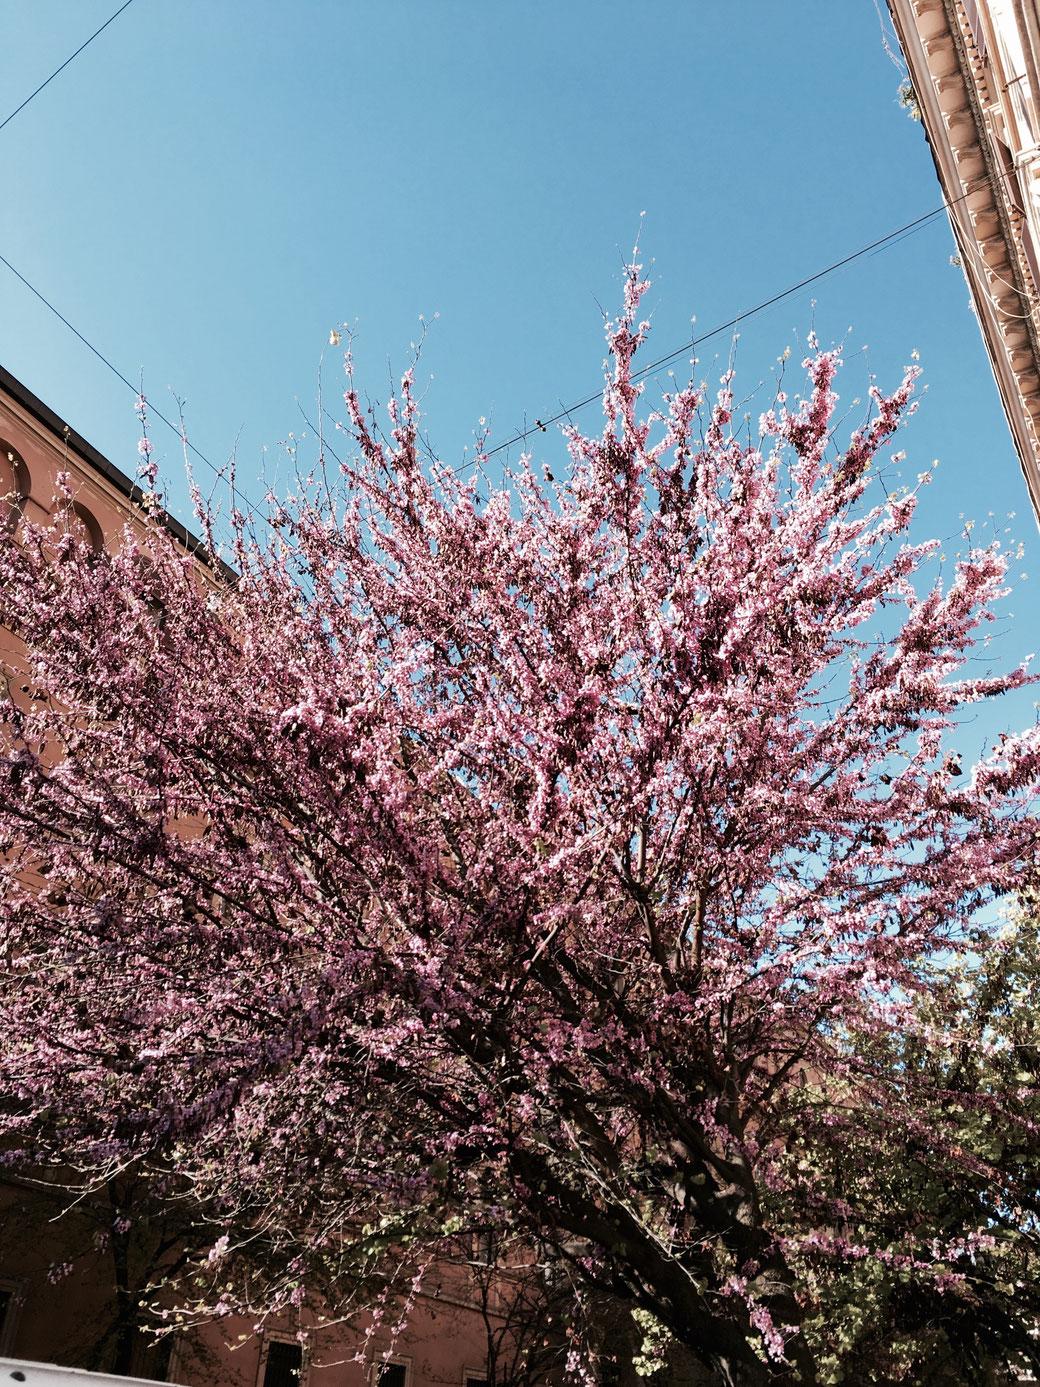 Frühling in Rom - Nicht nur auf den HOT SPOTS der Stadt blüht es. Auch in den Straßen wird es an den Bäumen herrlich bunt.